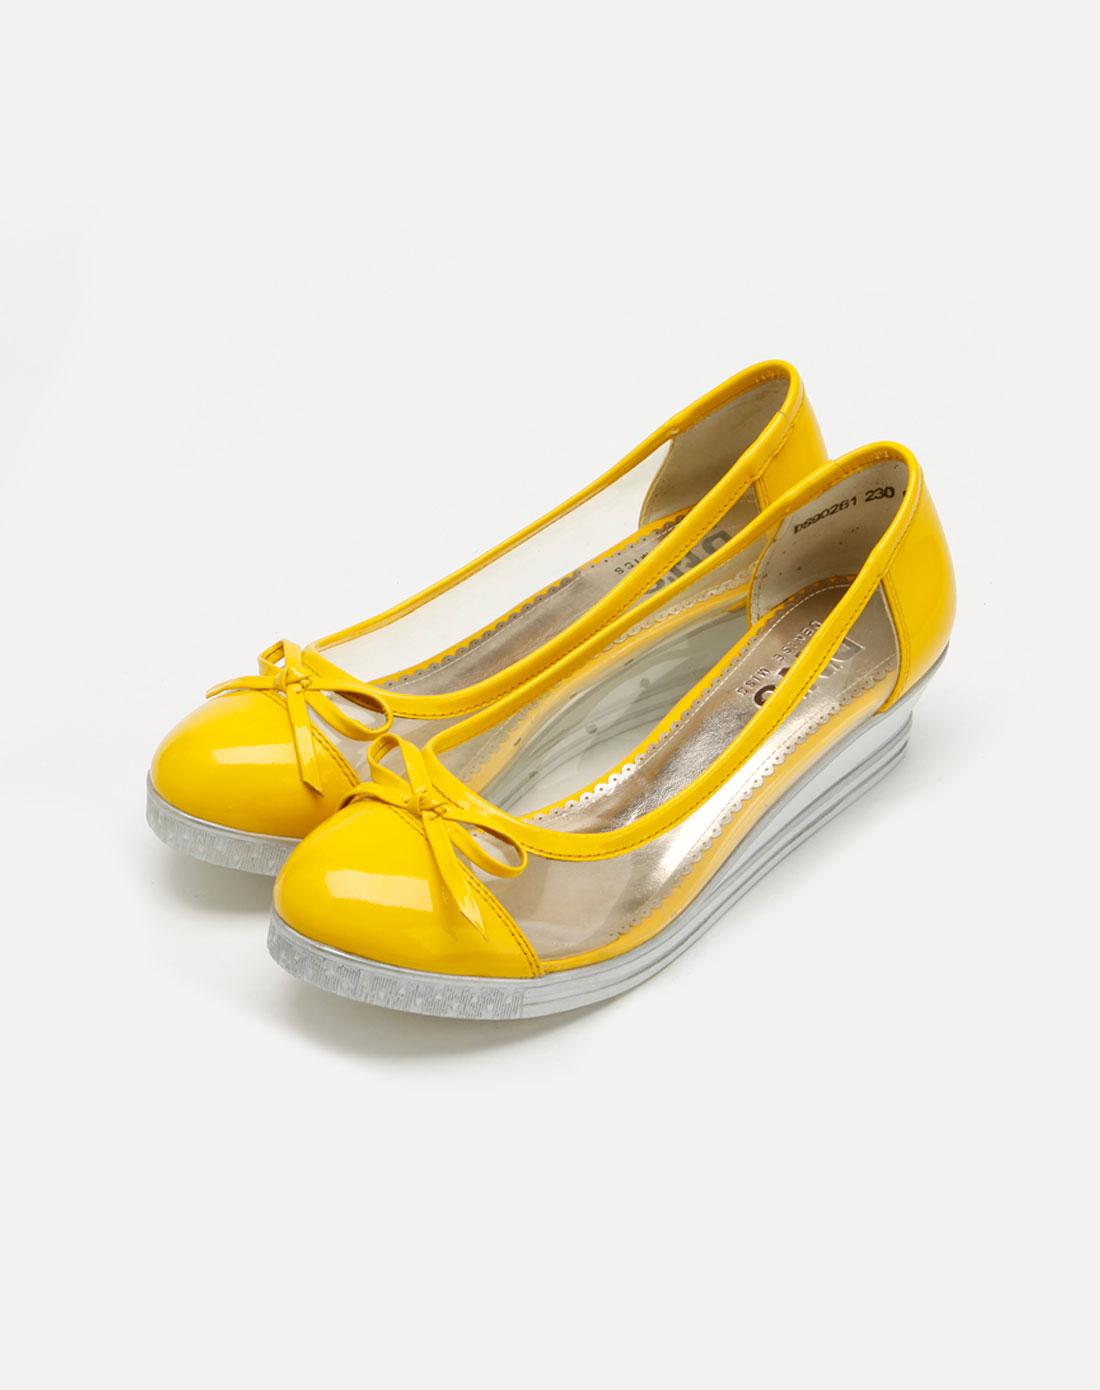 丹妮斯denise黄色漆皮透明单鞋